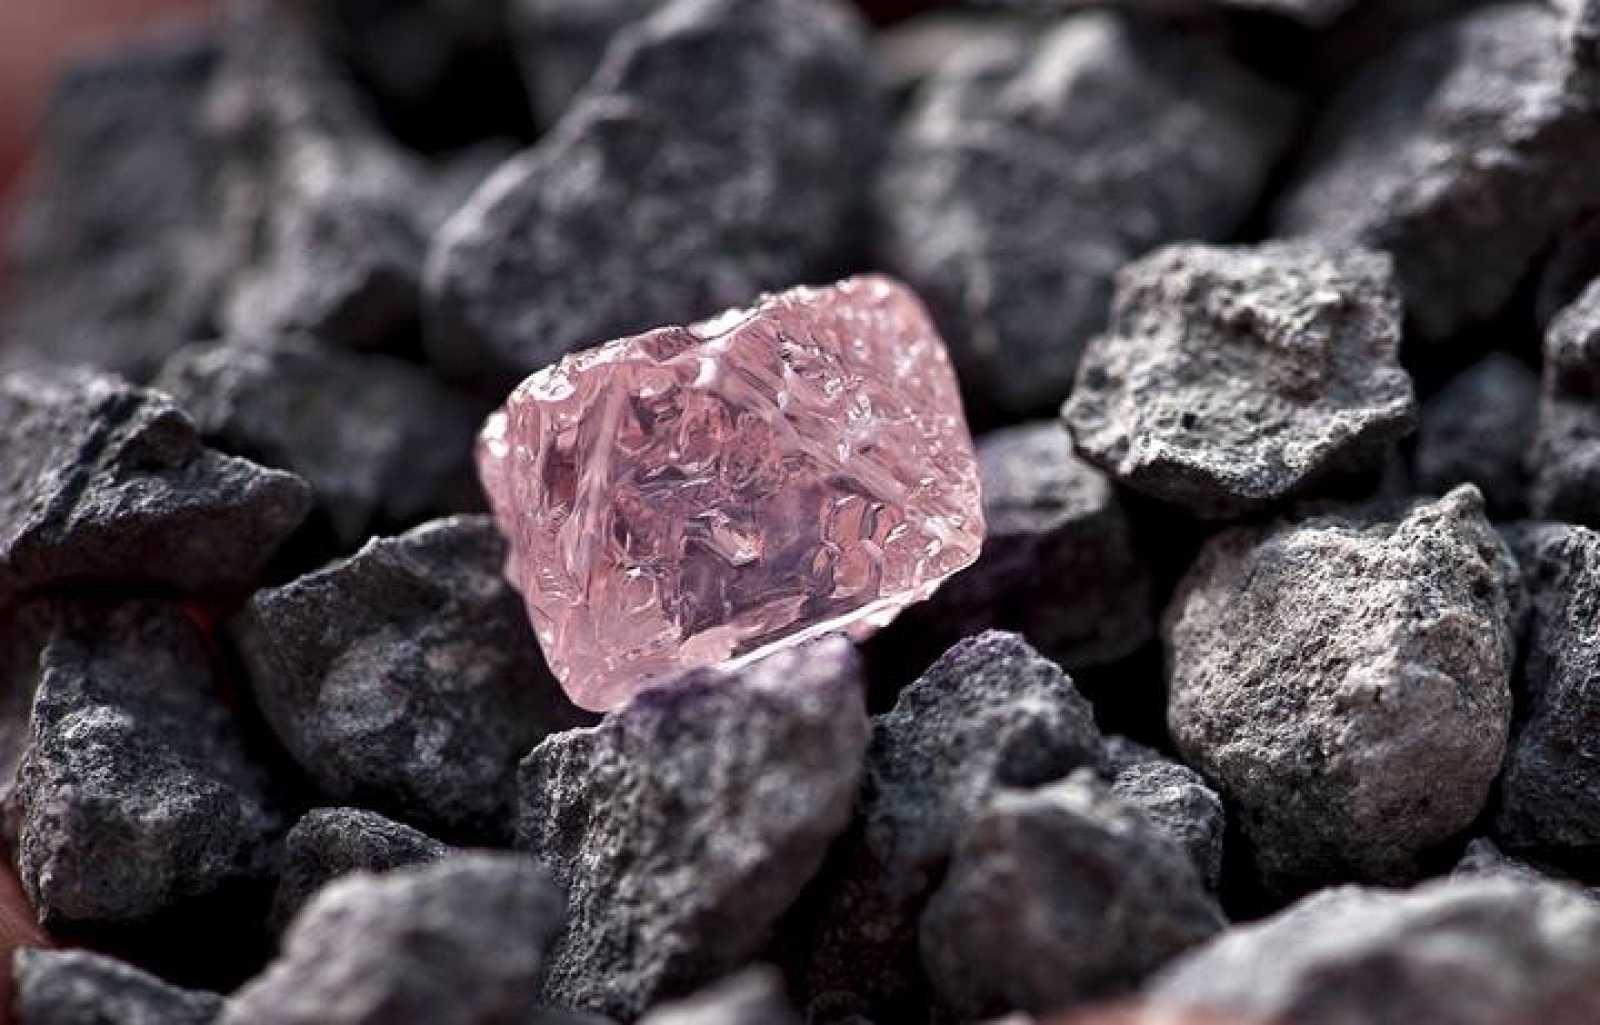 Es el mayor diamante rosa en bruto descubierto hasta ahora en una mina de Australia, de 12,76 kilates y que puede alcanzar un precio próximo a los 10,5 millones de dólares